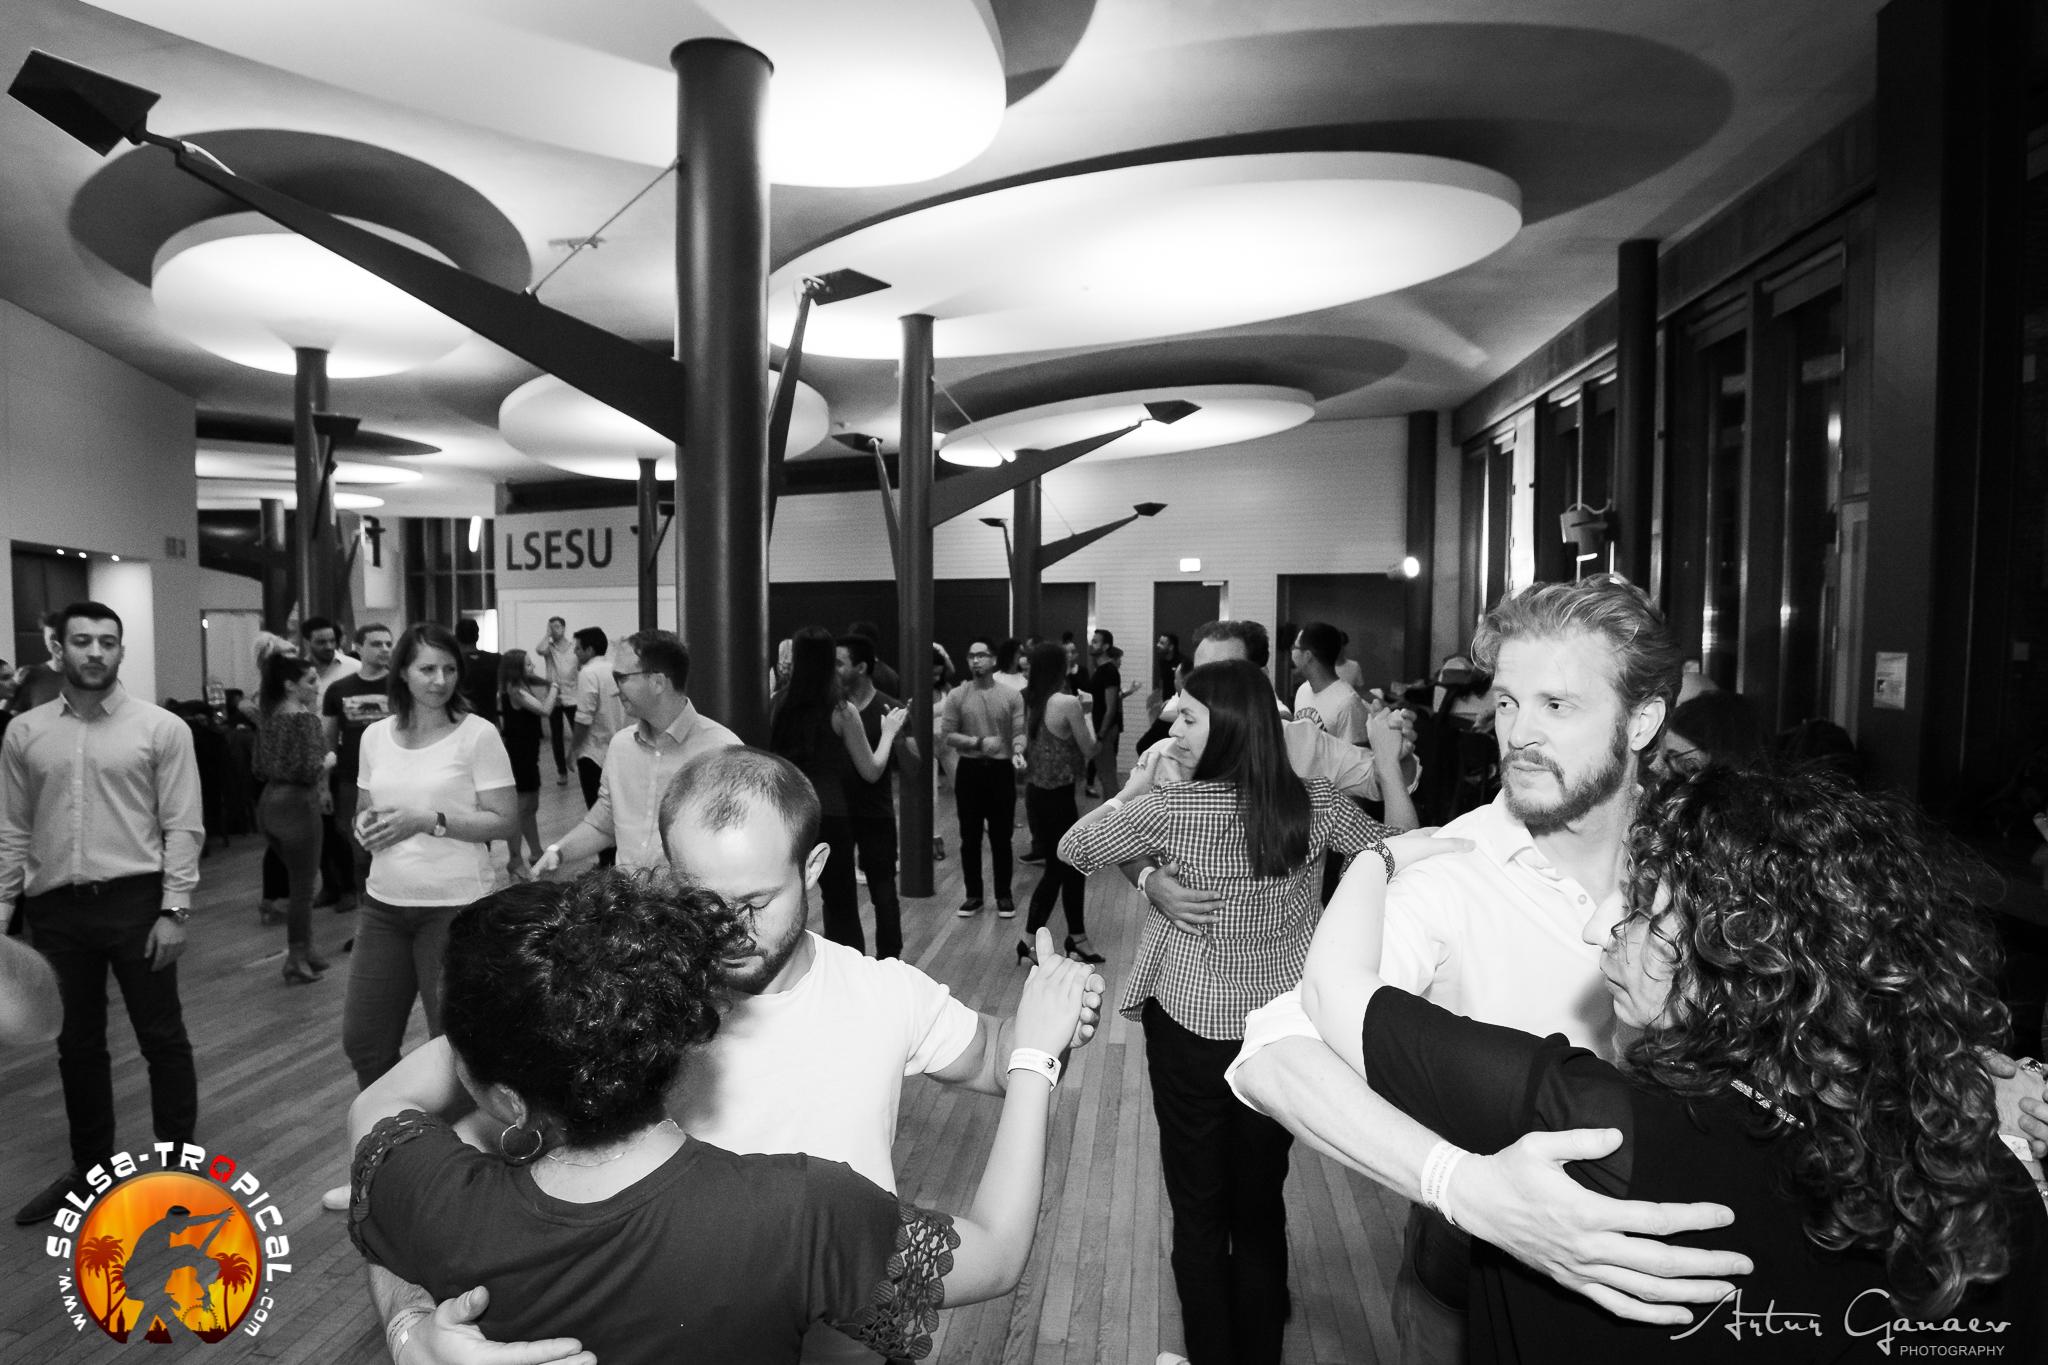 Salsa Tropical_Bachata night(Sept. 2019)